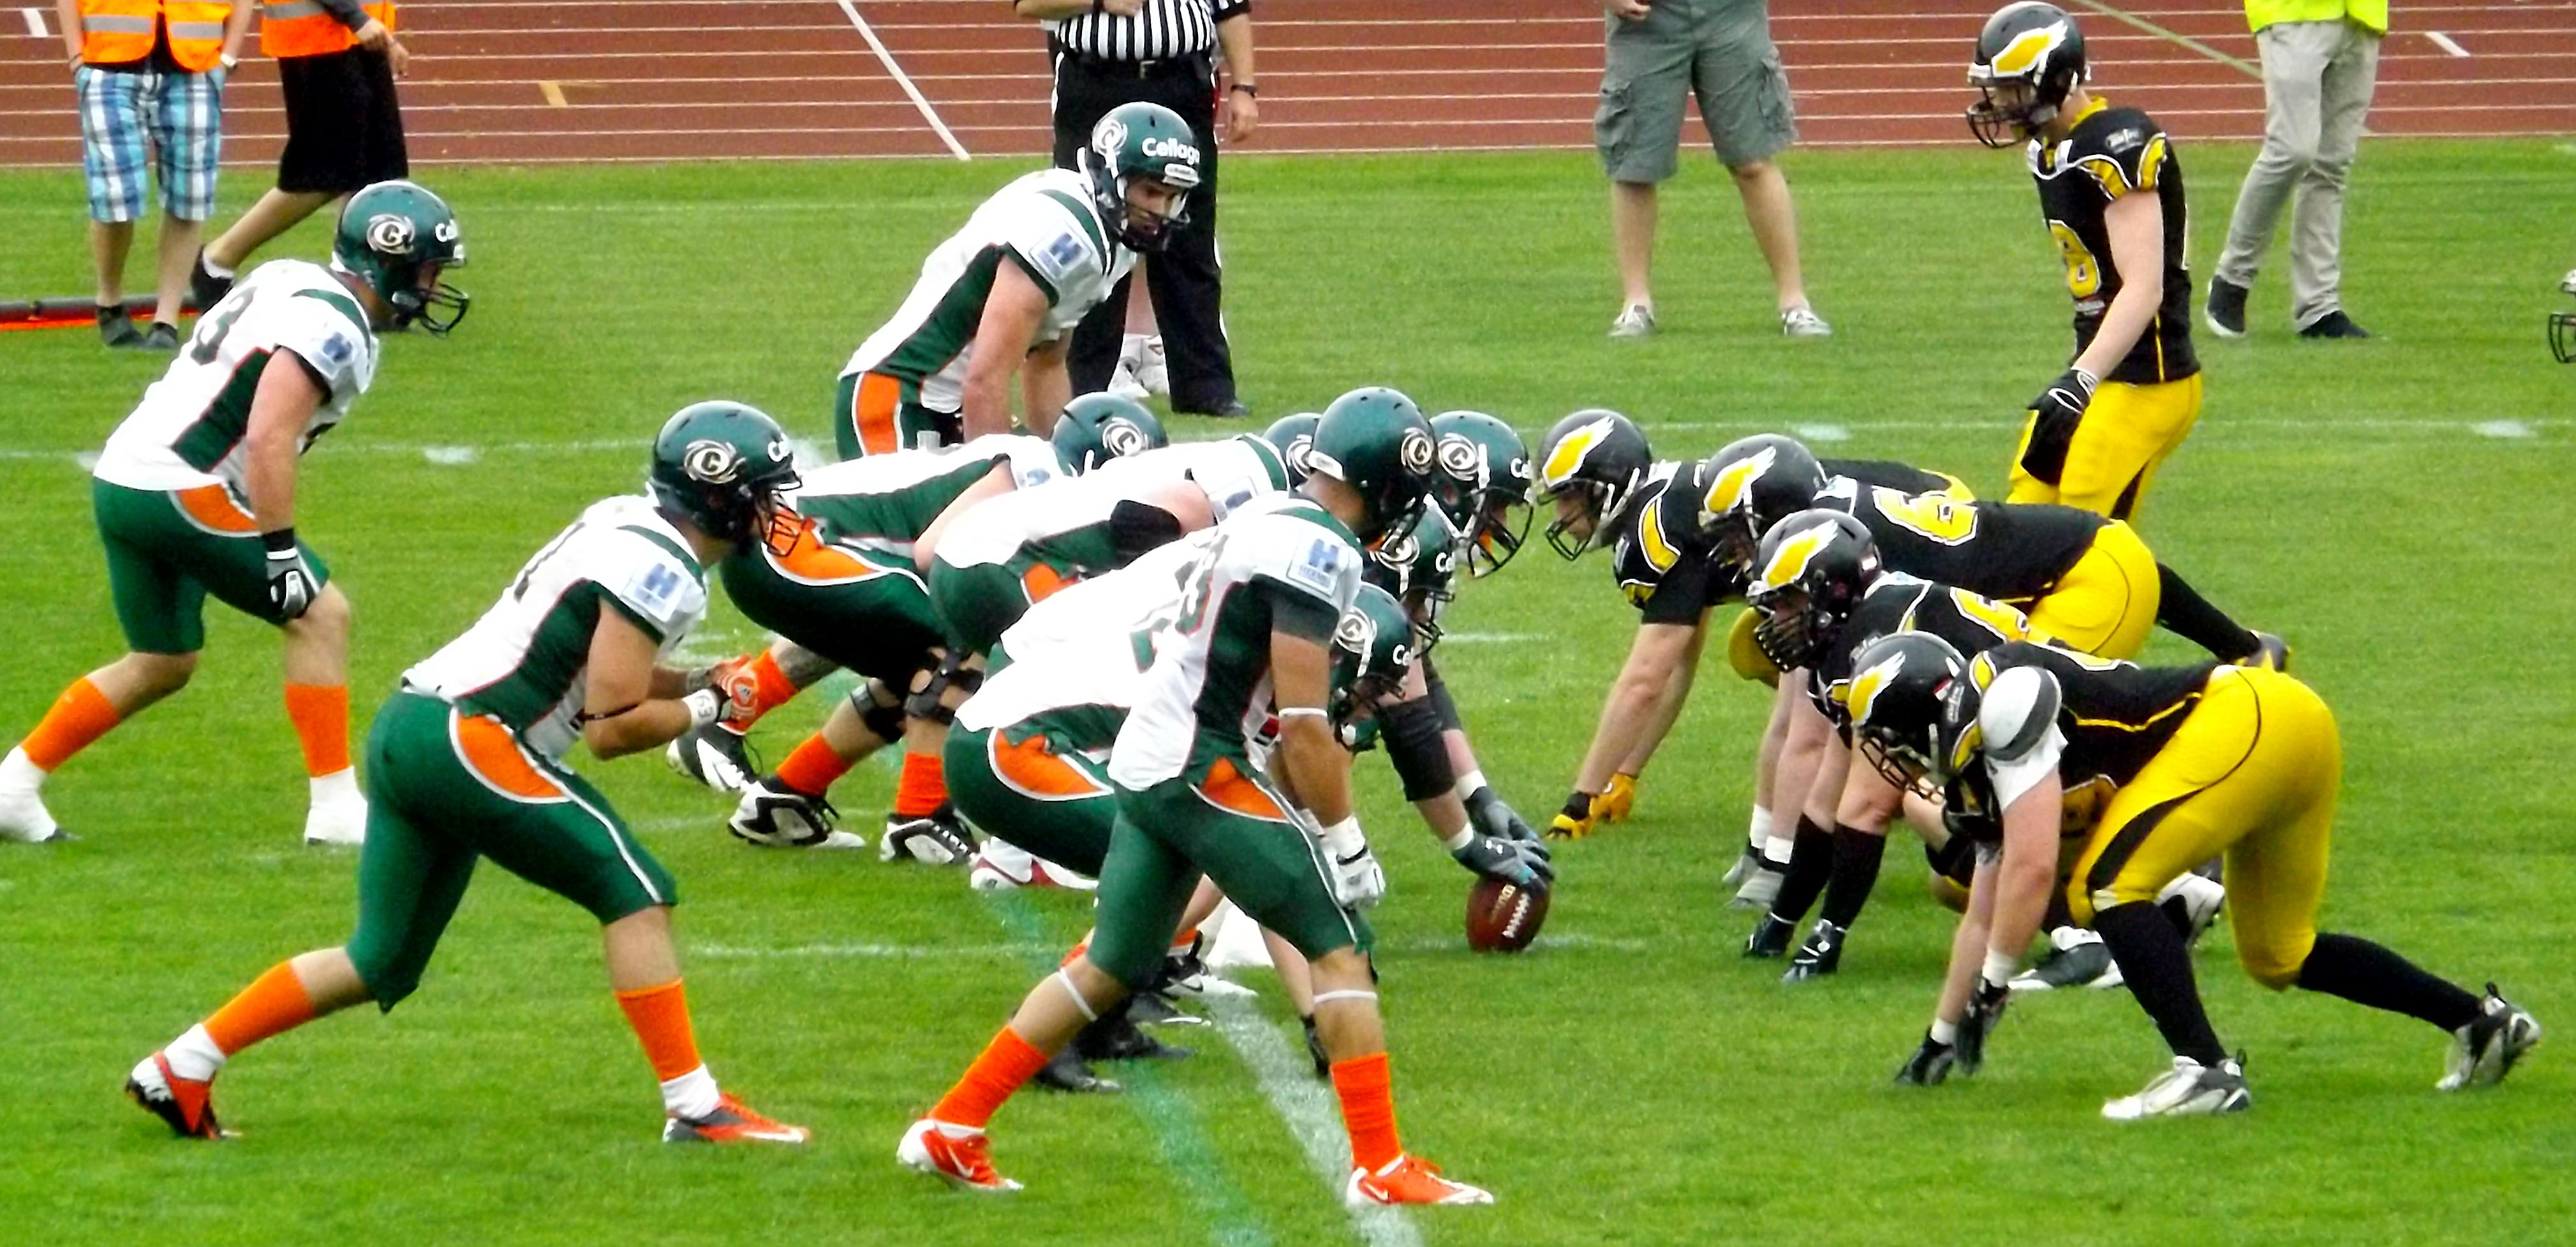 Bowl Spiel